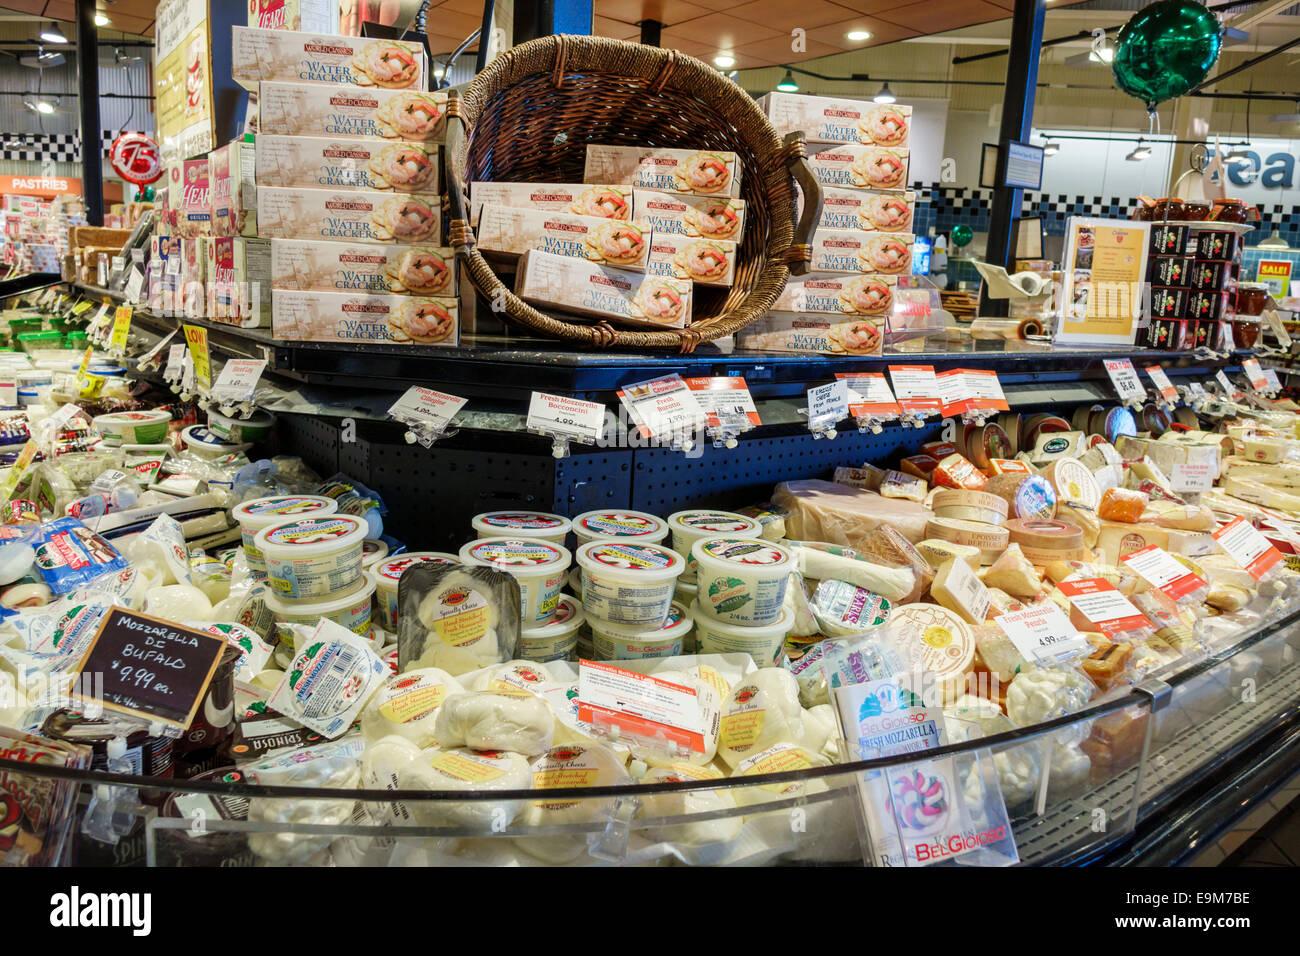 St Louis Missouri Saint Waldpark Schnucks Supermarkt Lebensmittel Verkauf Anzeigen Einkaufen Kase Milchprodukte